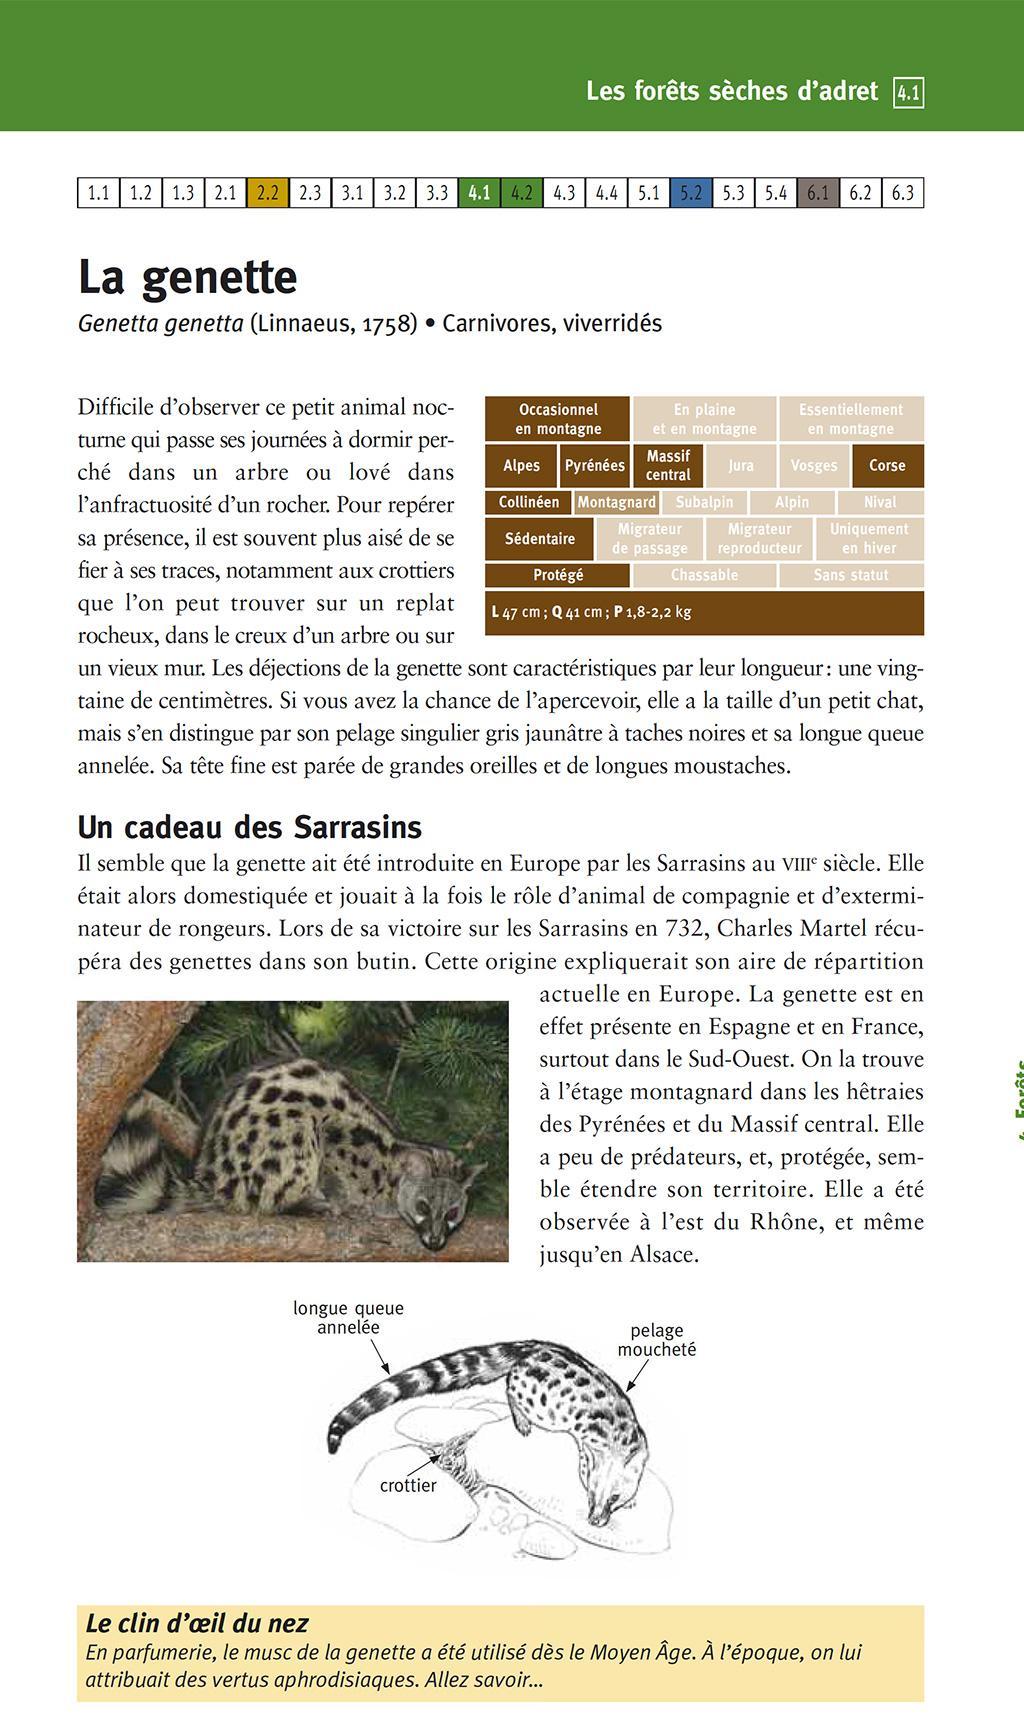 La genette - Guide des animaux de montagne - Parc nationaux de France